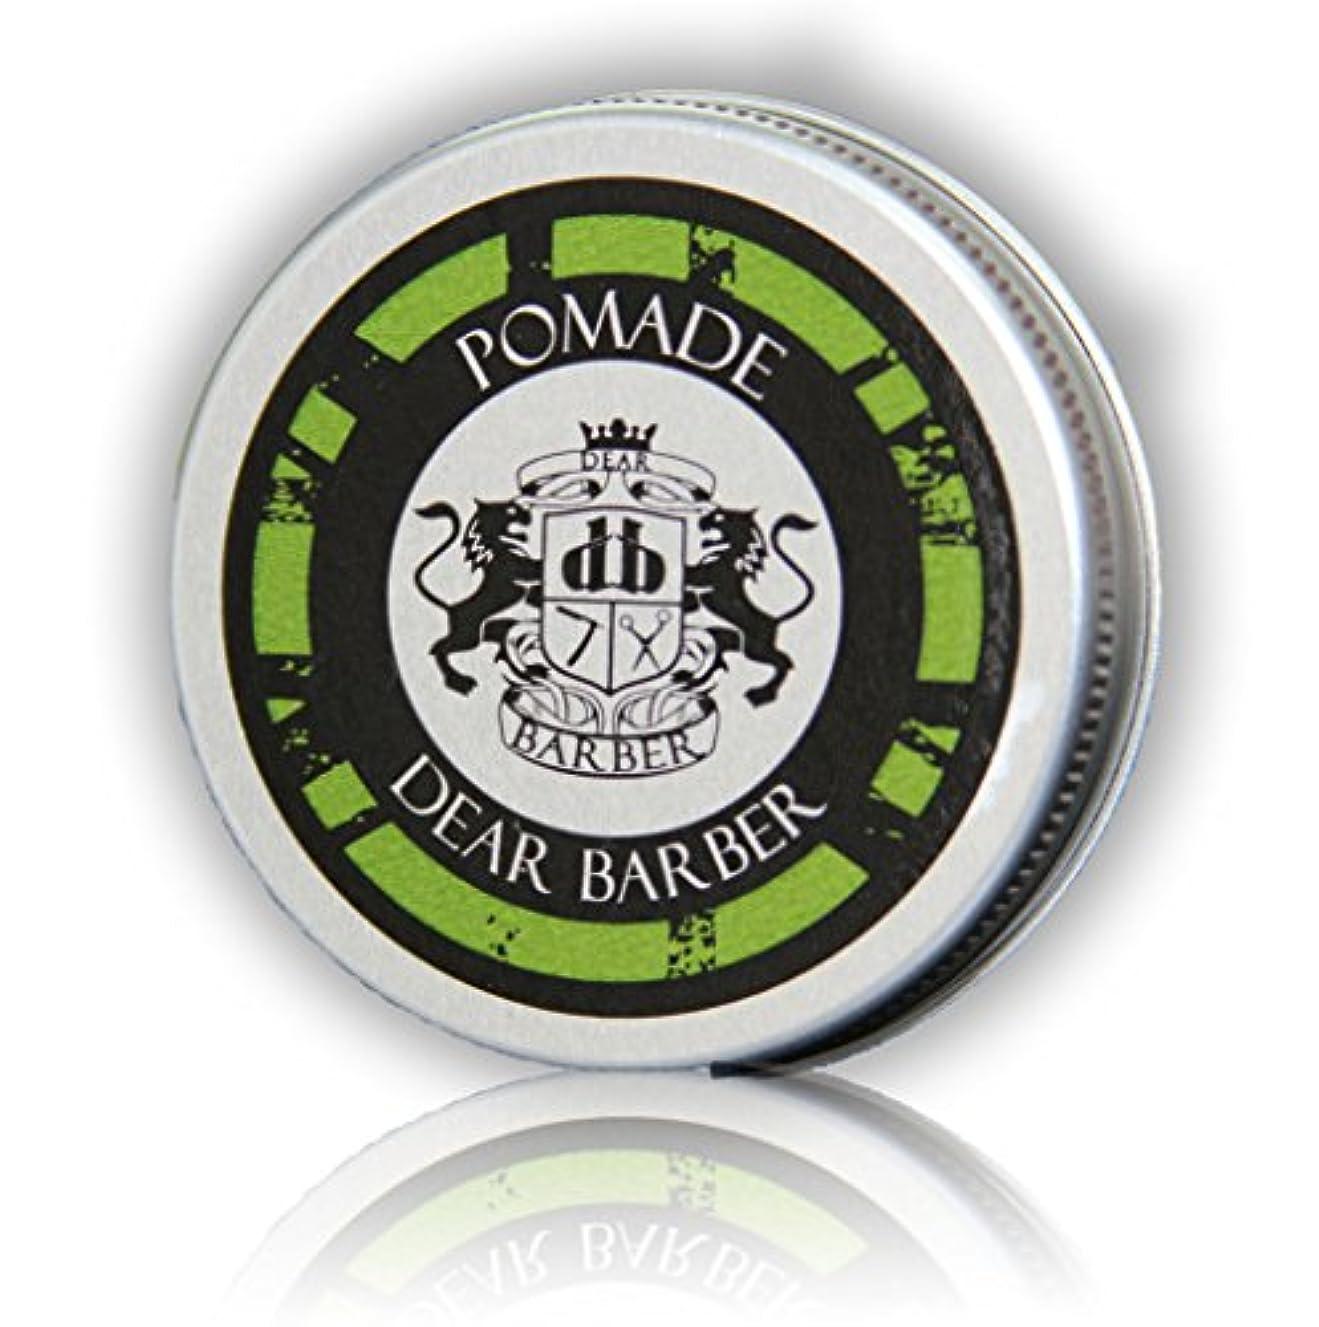 帝国主義デンマーク語枕親愛なる理髪師のメンズヘアースタイリングのPomade、旅行サイズ錫20ml